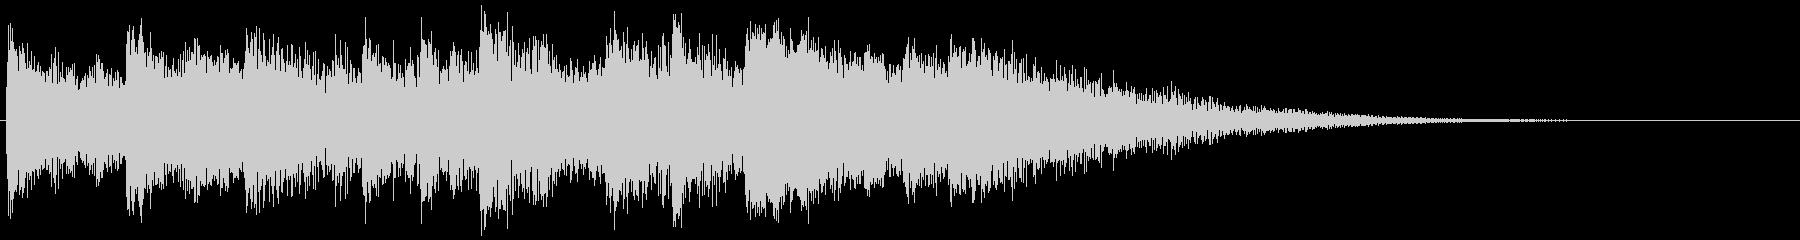 ベル、ピアノ、ベースのアイキャッチの未再生の波形